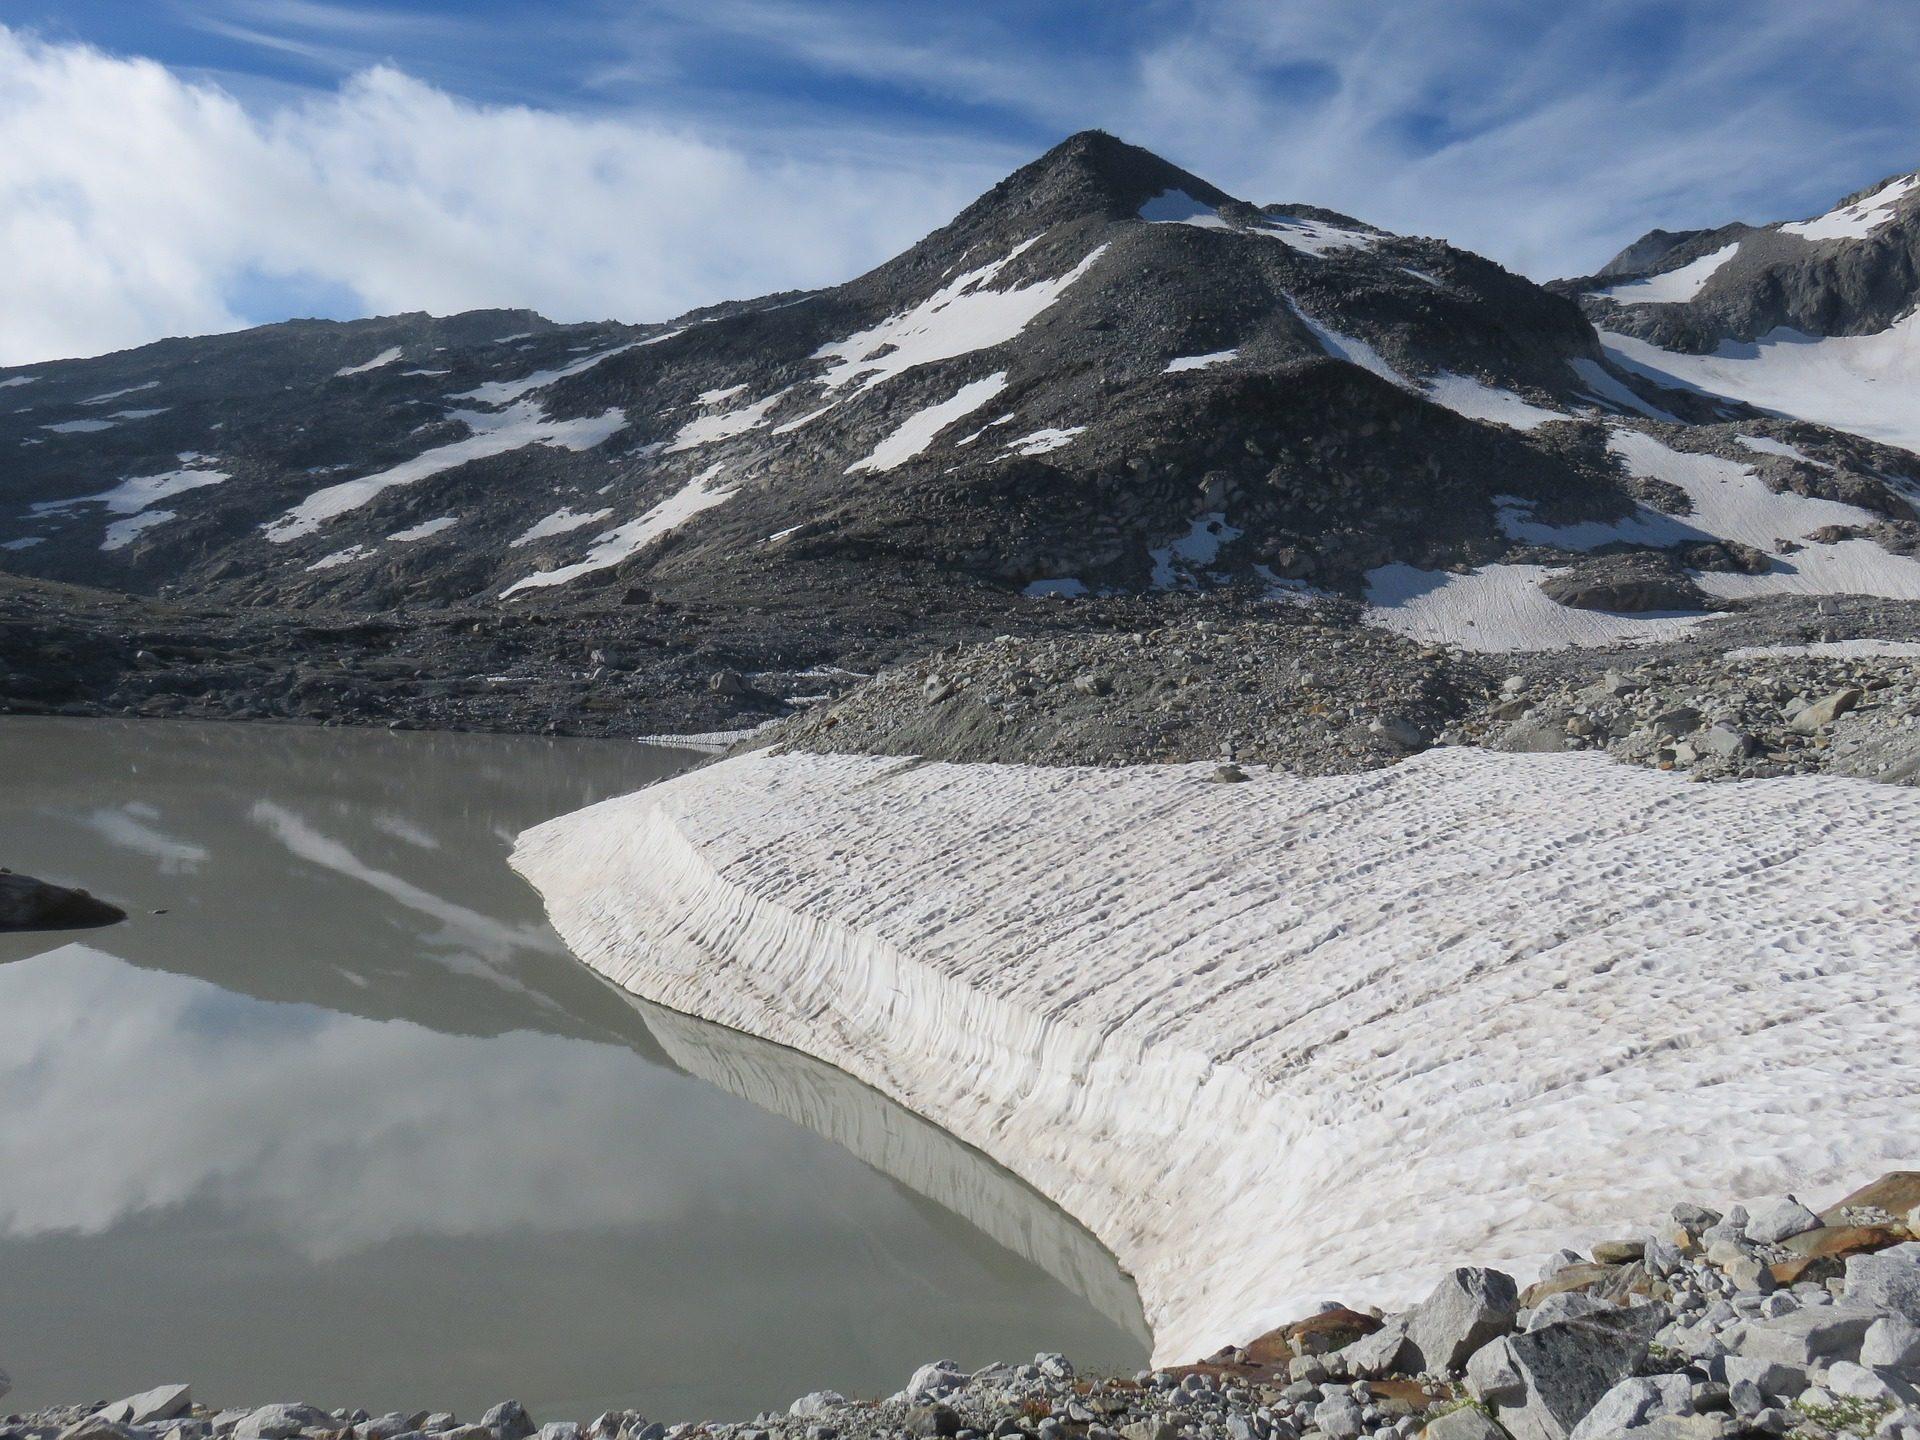 See Tapete Gletscher Berge Steinen Schnee Professor Falken